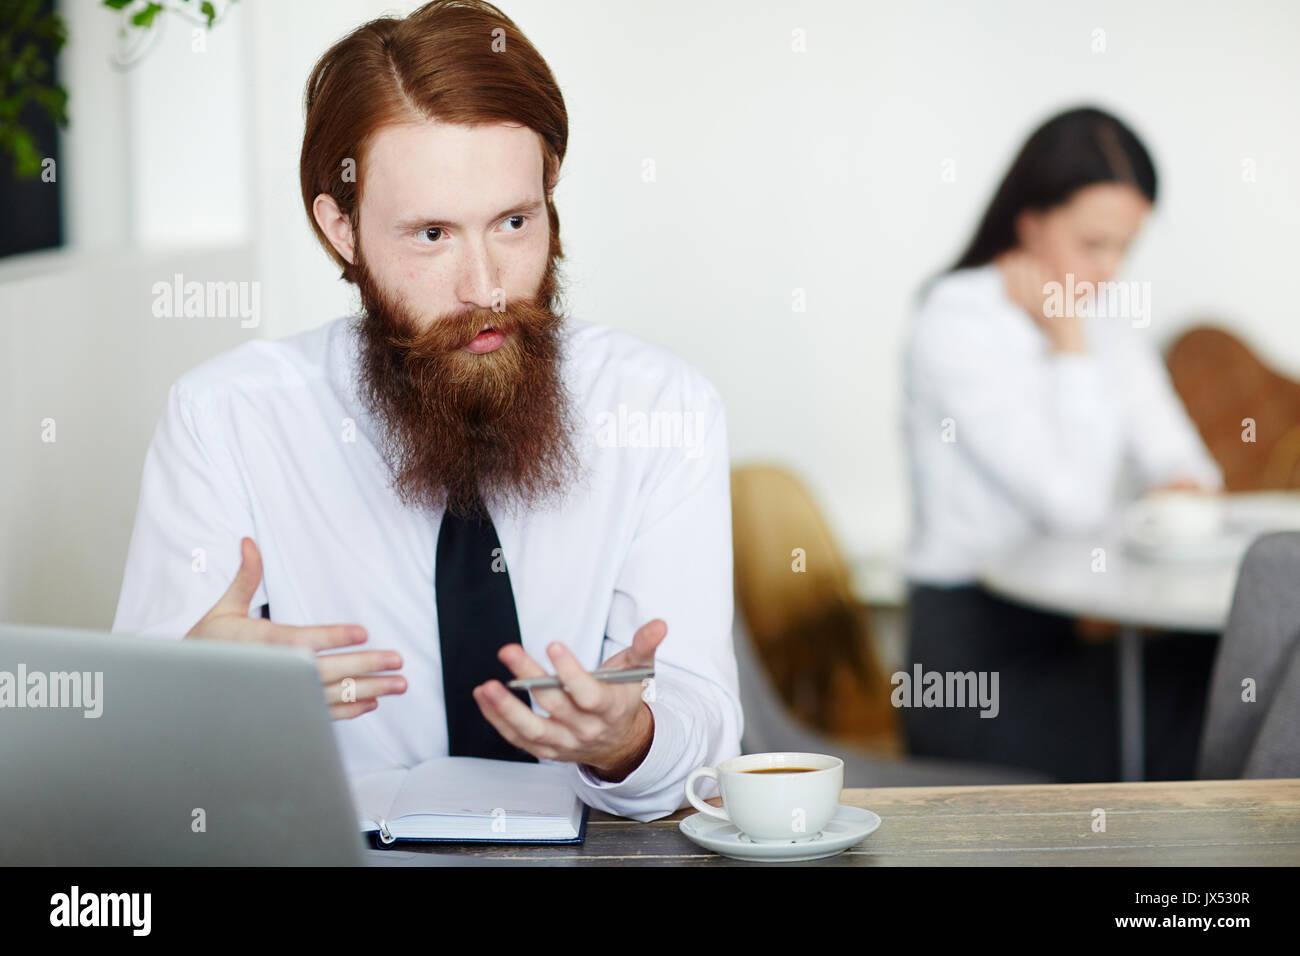 Explaining of businessman - Stock Image